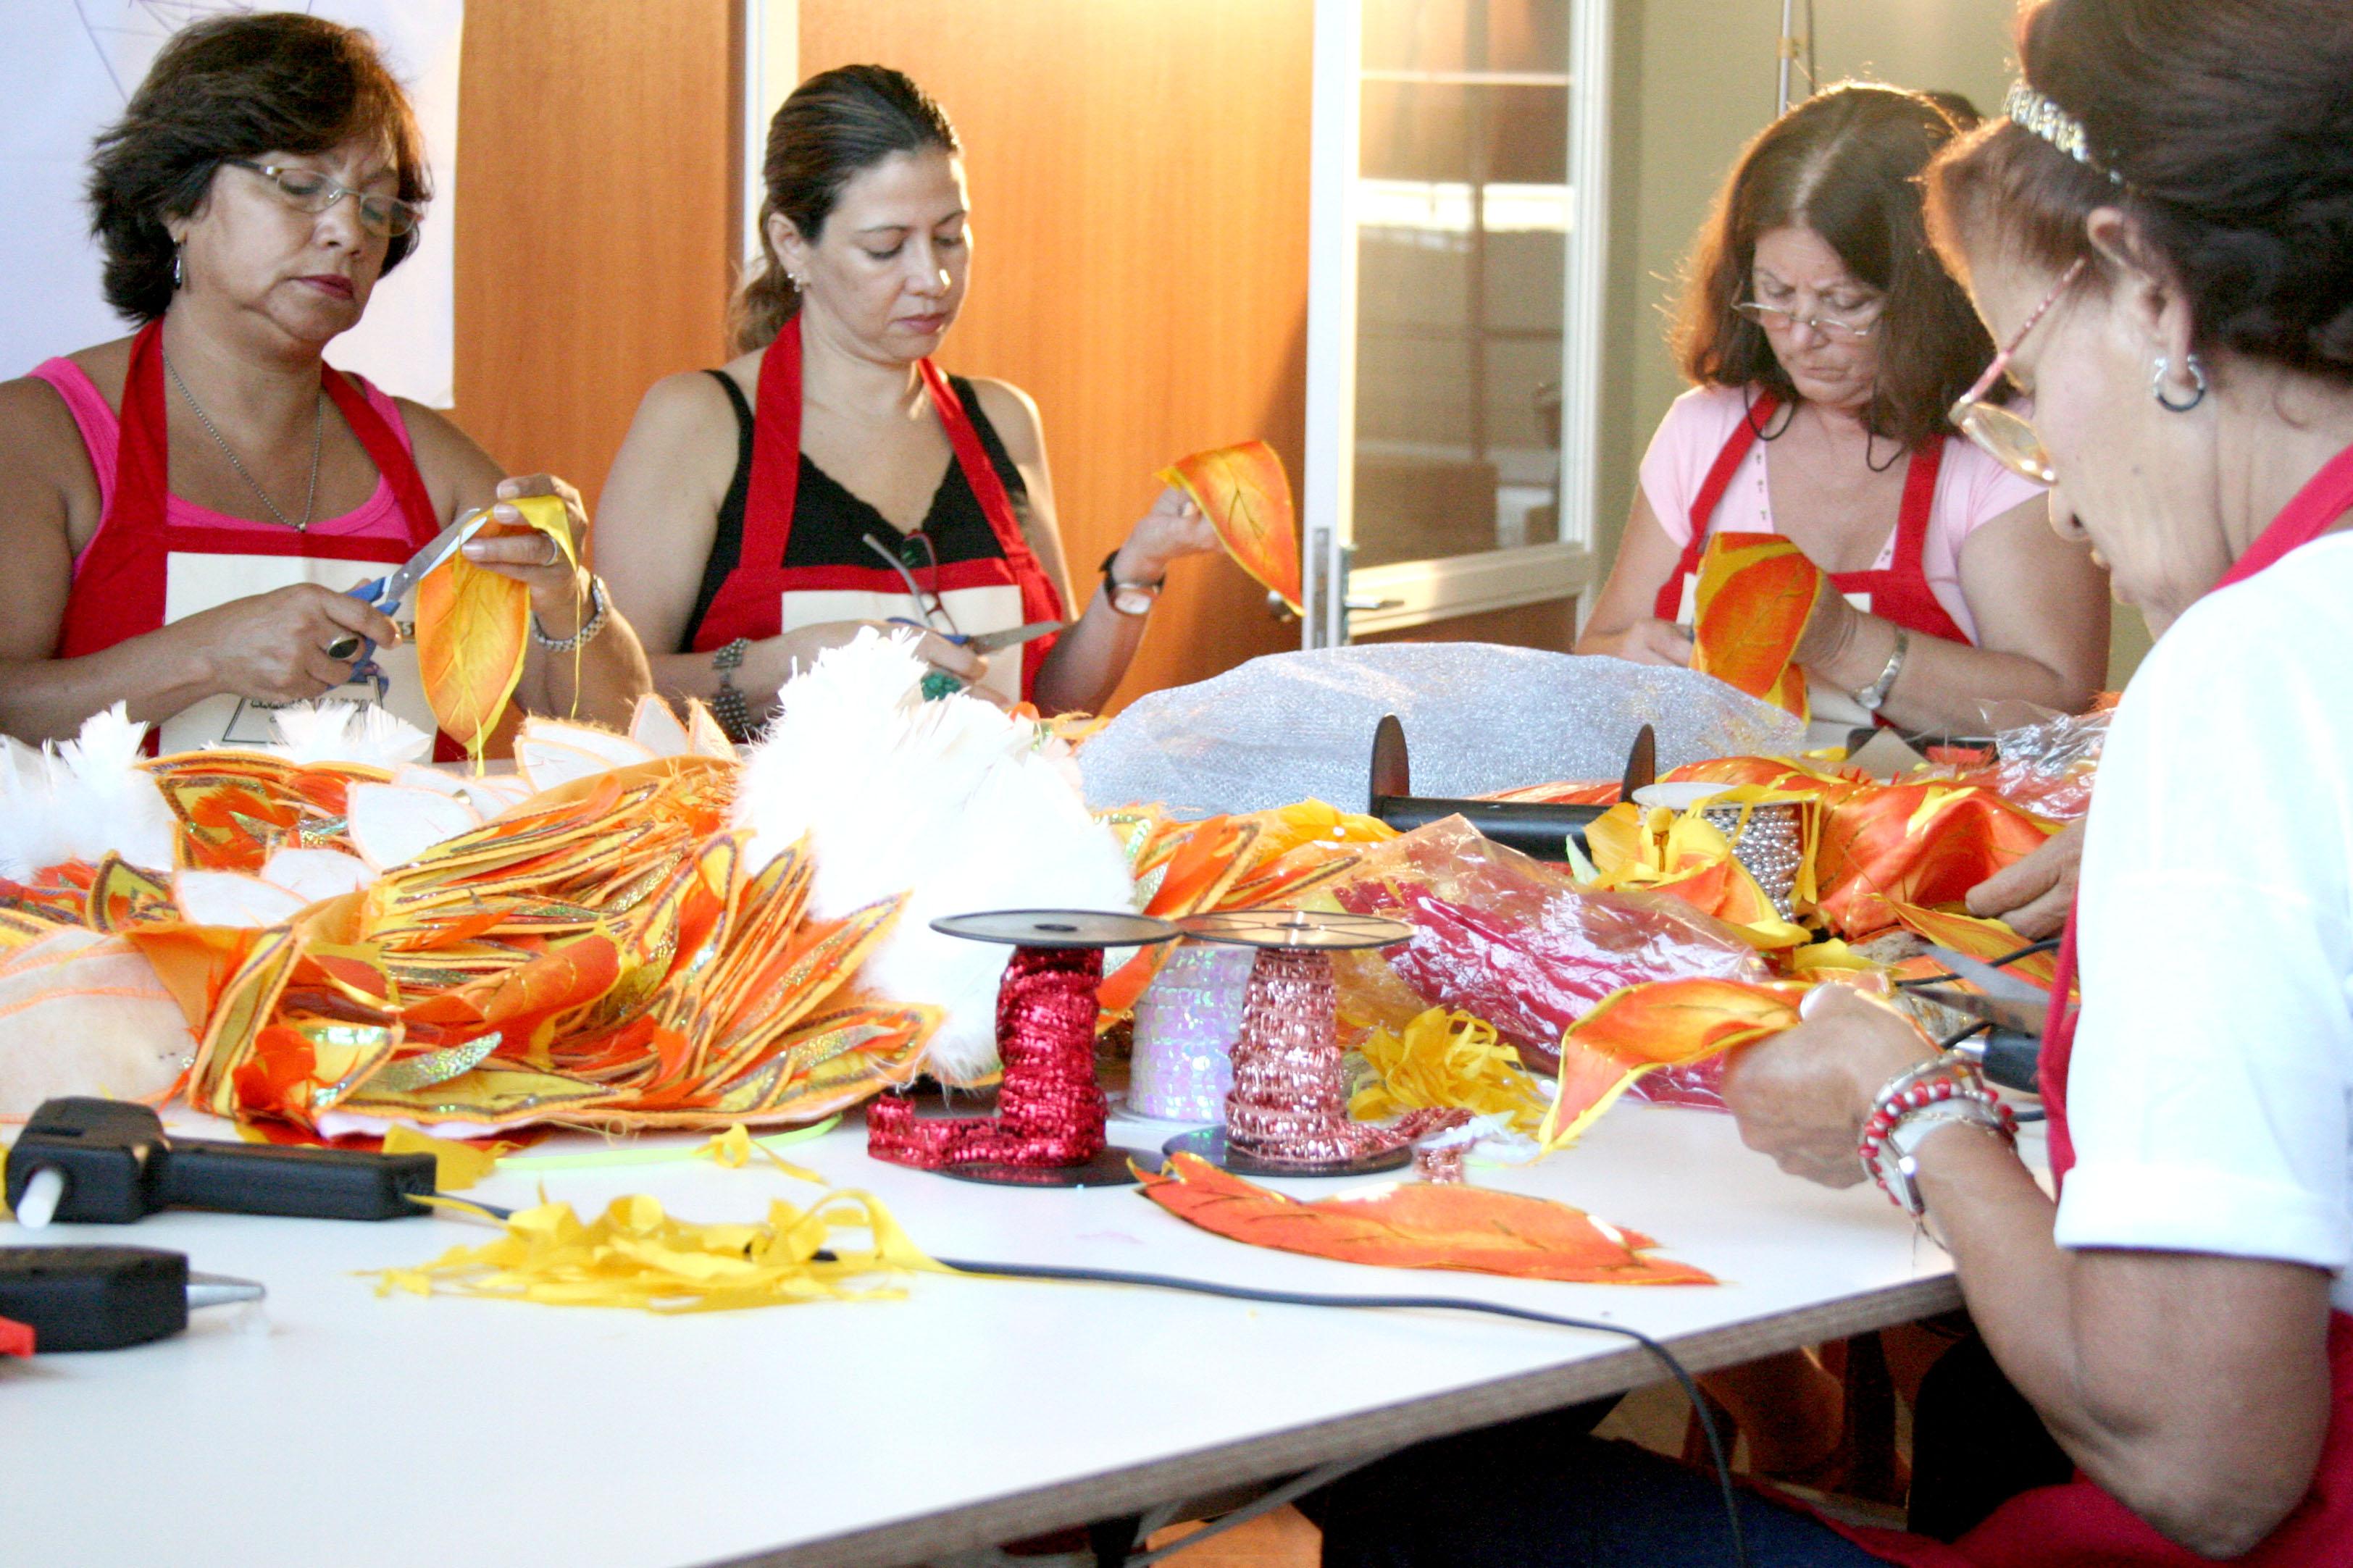 Amebras faz brechó de Carnaval neste fim de semana